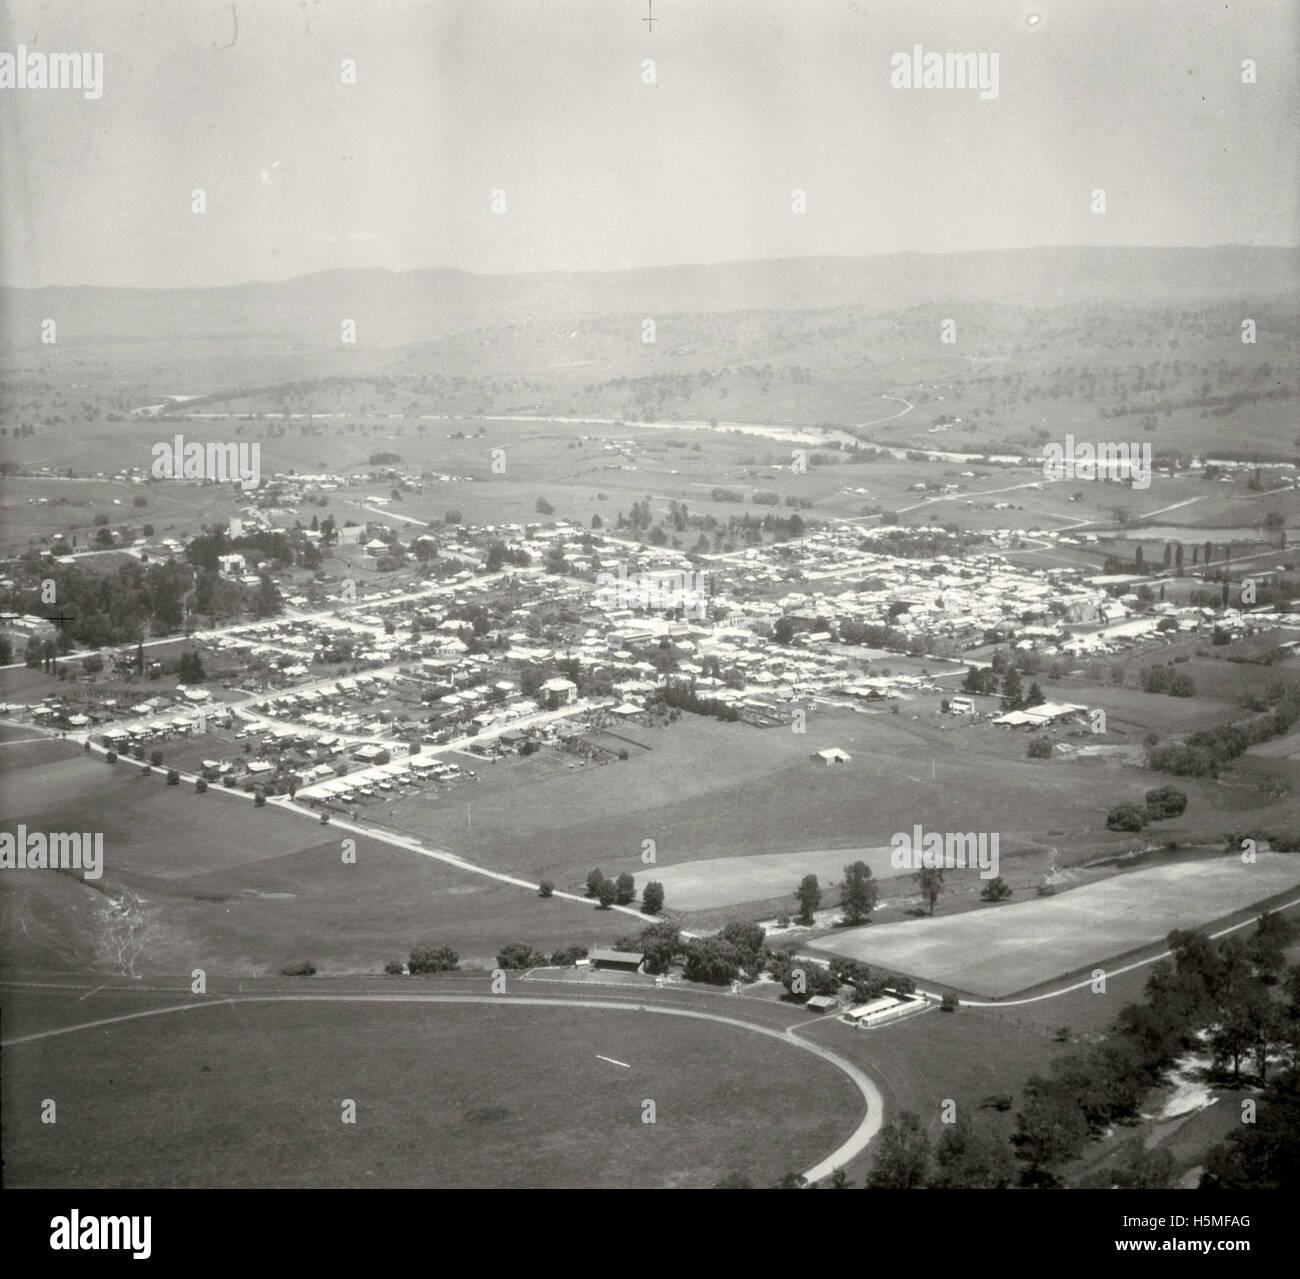 Bega - 17 Nov 1937 - Stock Image